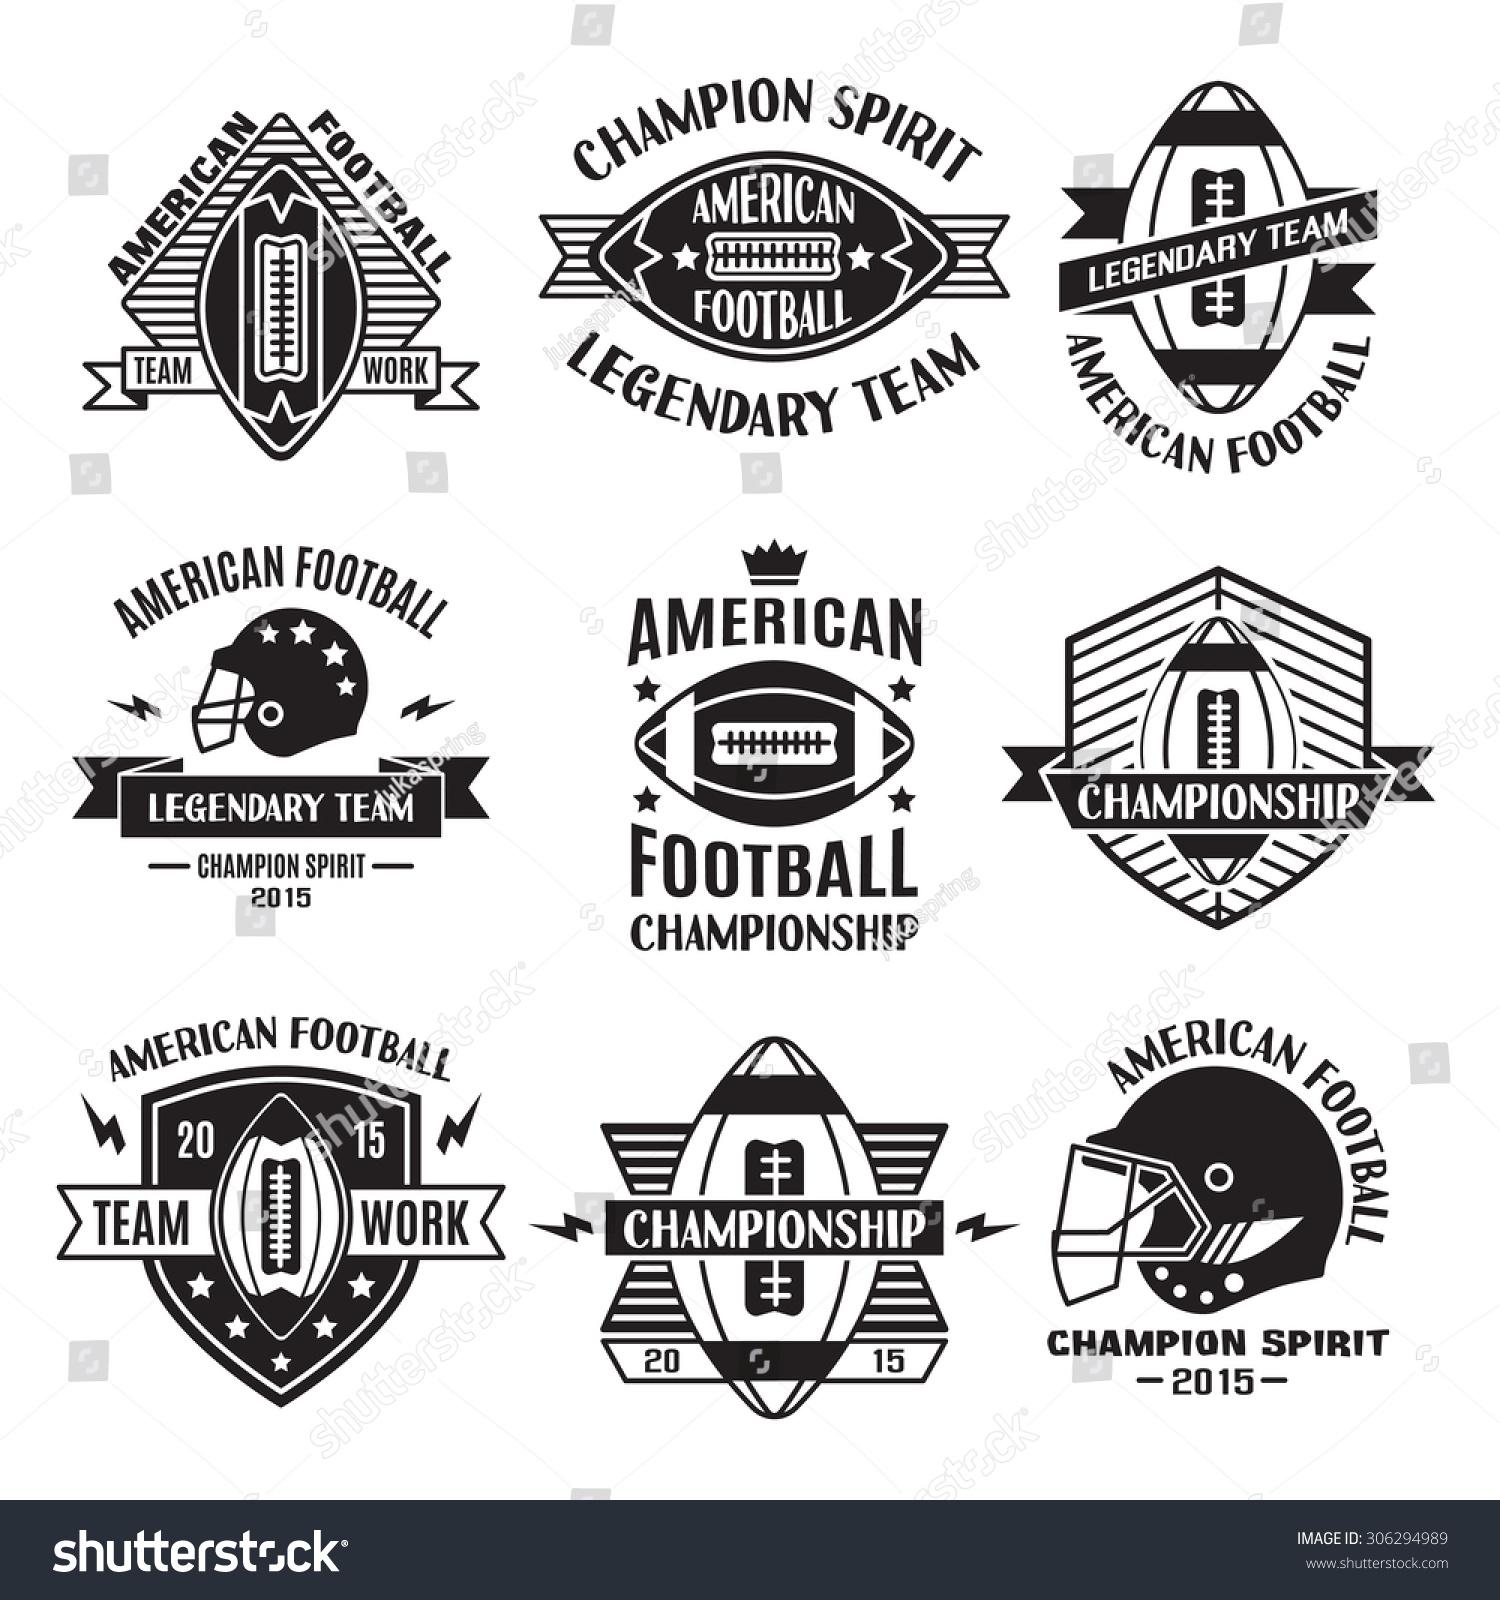 Vintage American Football 91